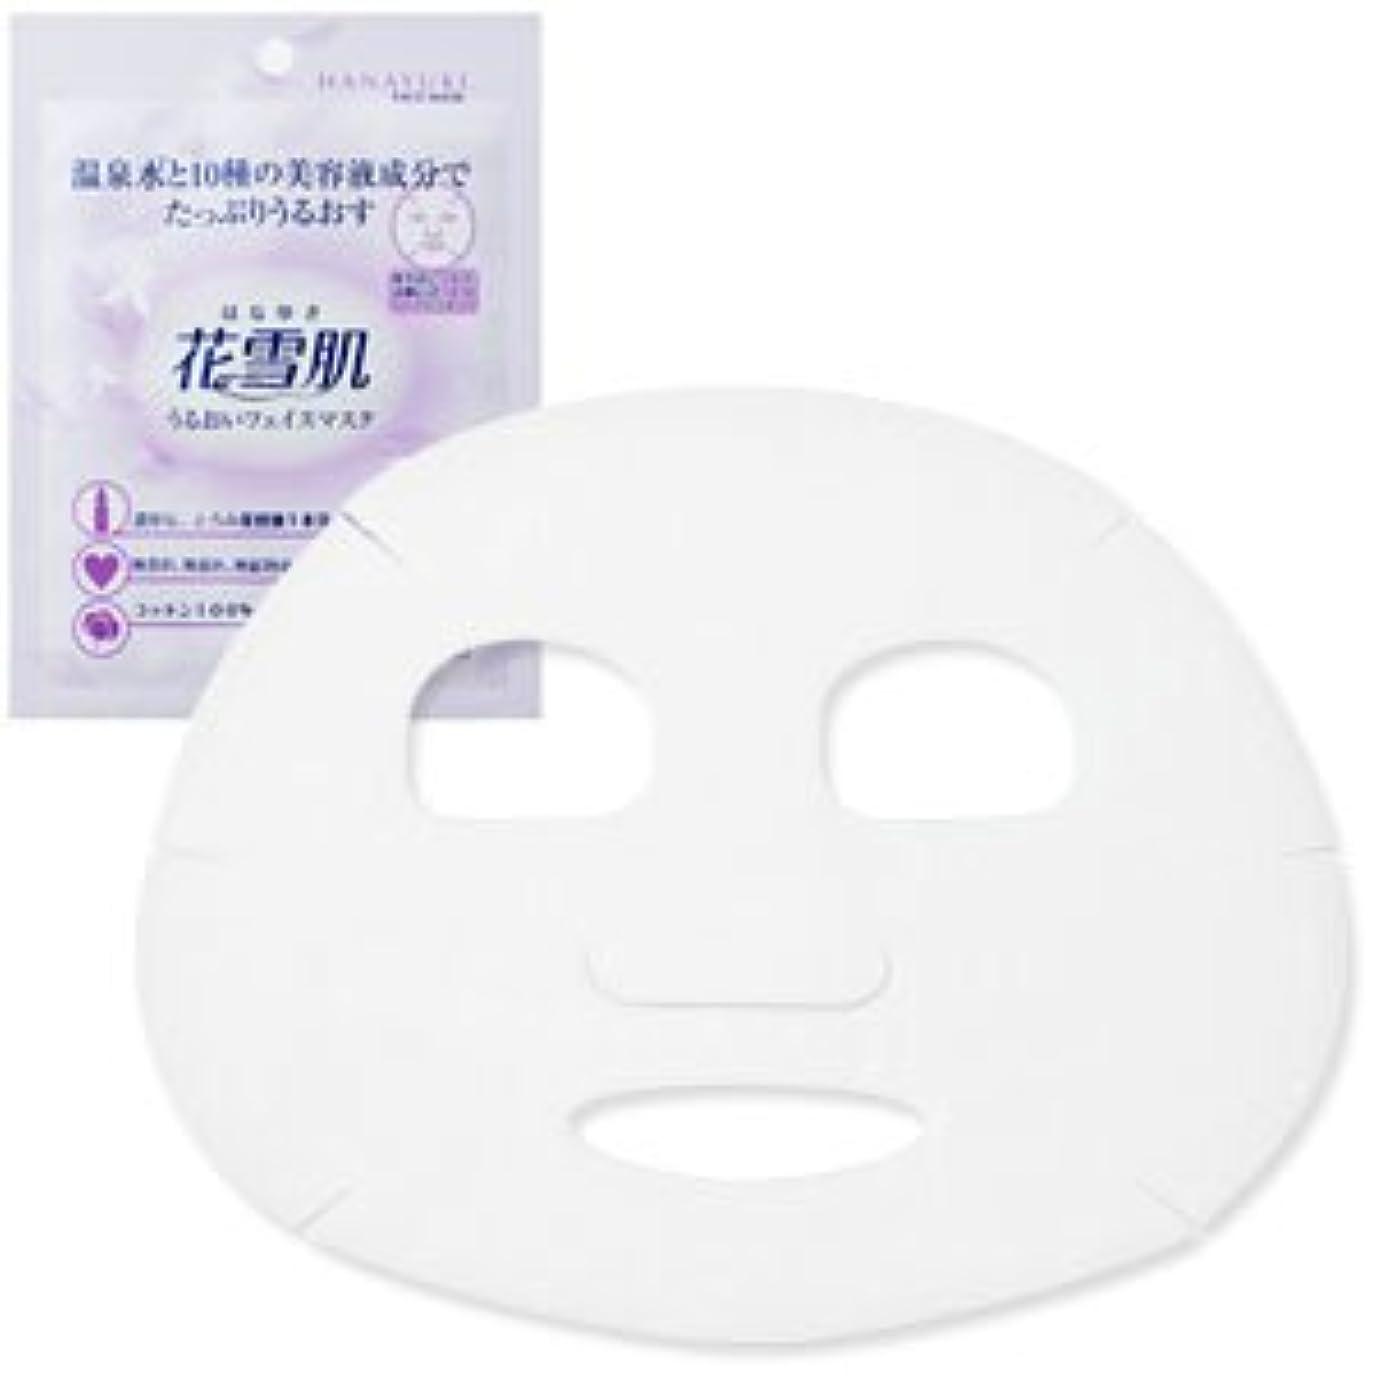 機械的にかわす裁定花雪肌 うるおいフェイスマスク 1枚 [10種類の美容液成分を配合] ヒアルロン酸 コラーゲン フェイスパック